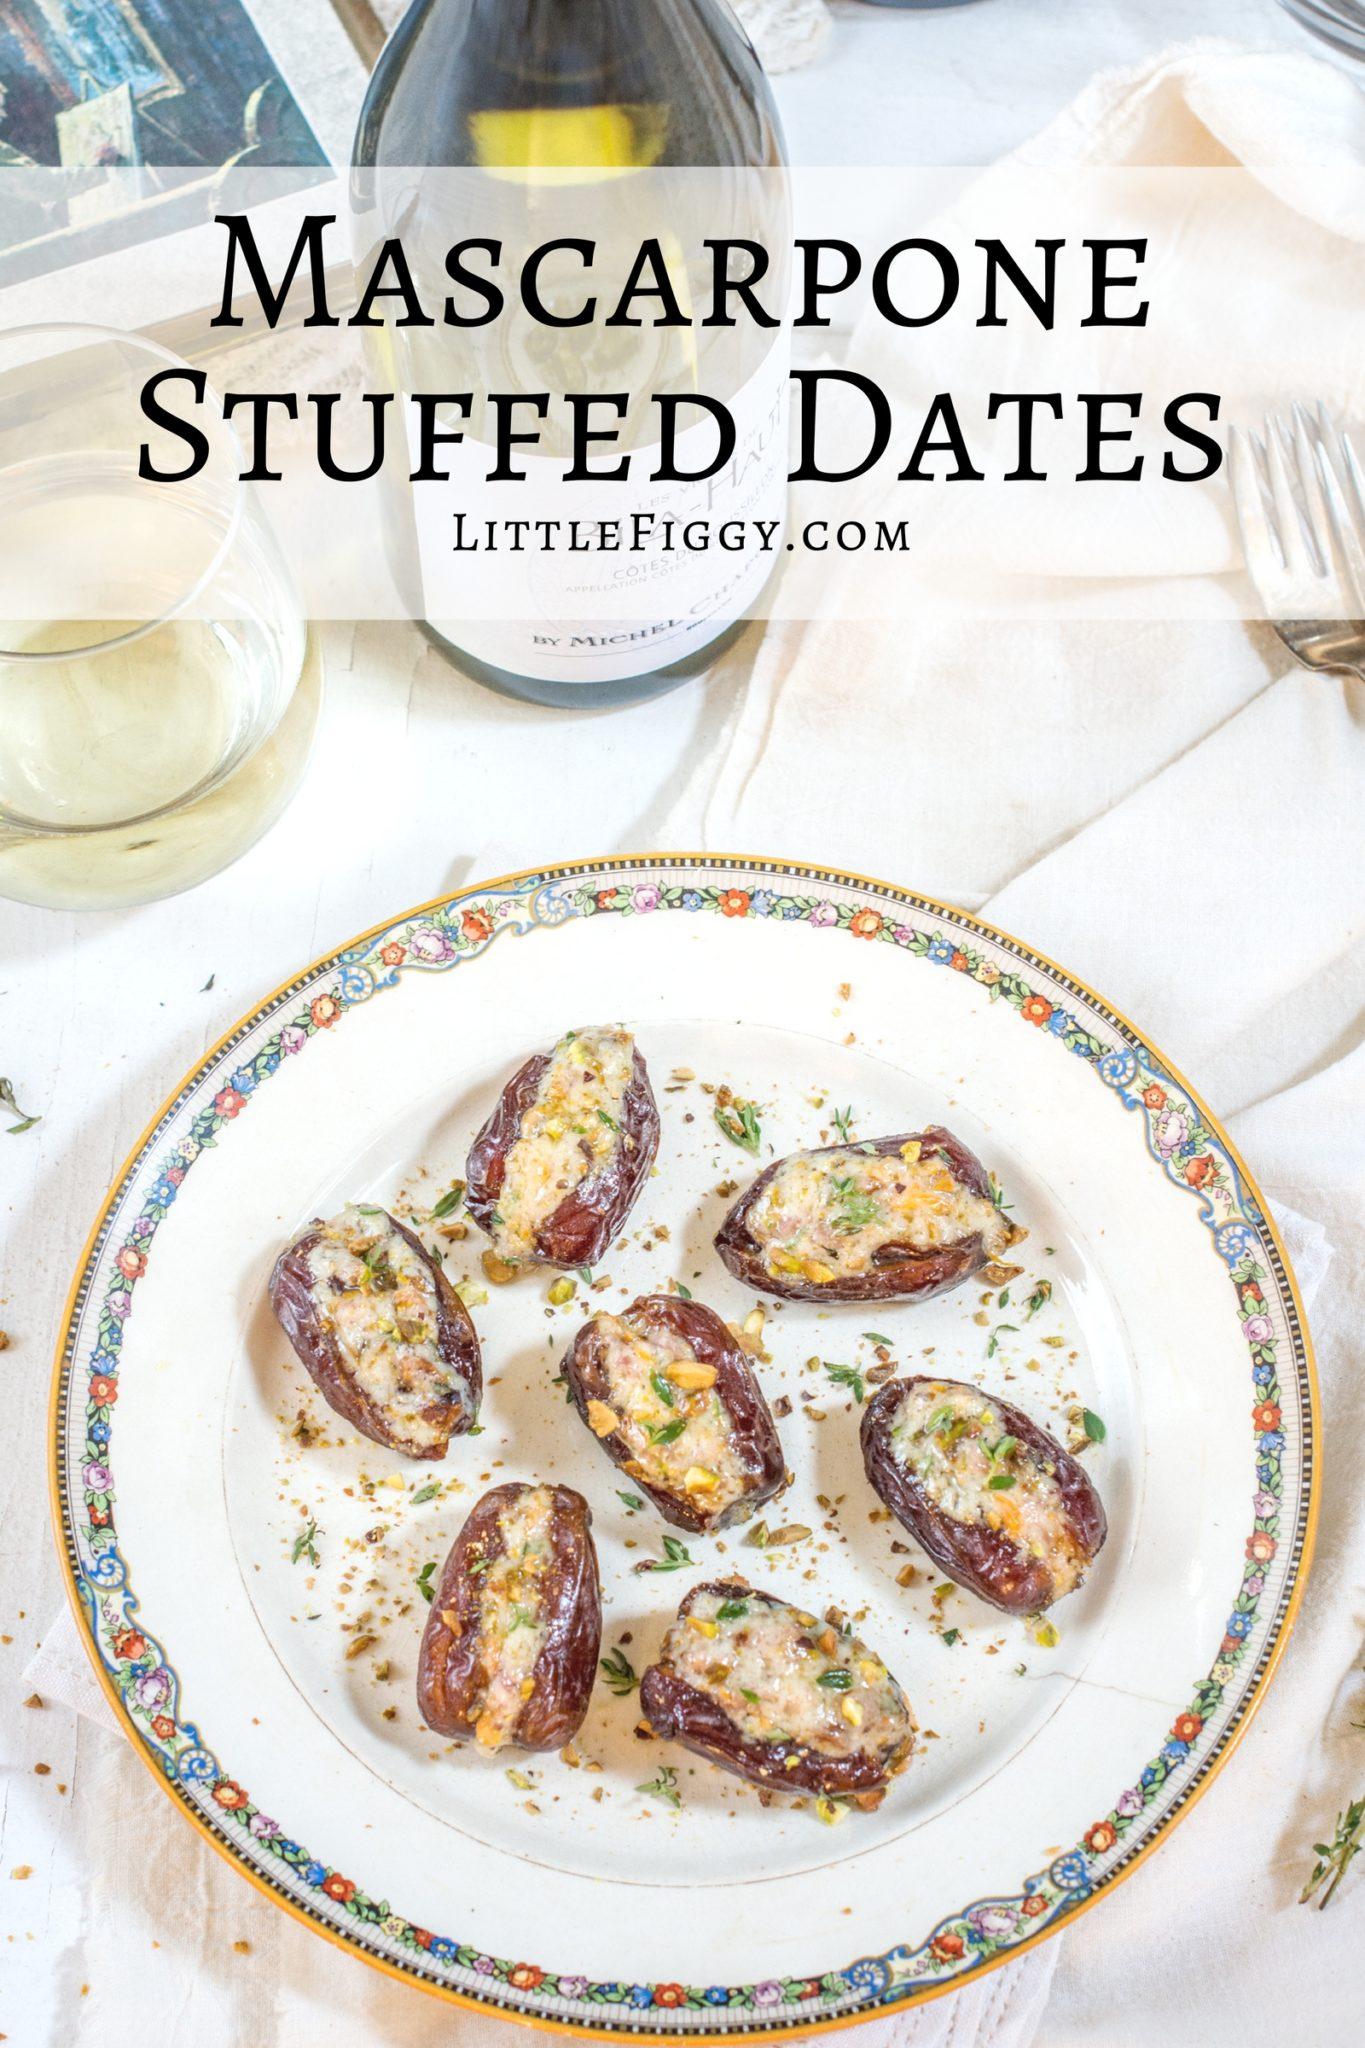 Mascarpone Stuffed Dates